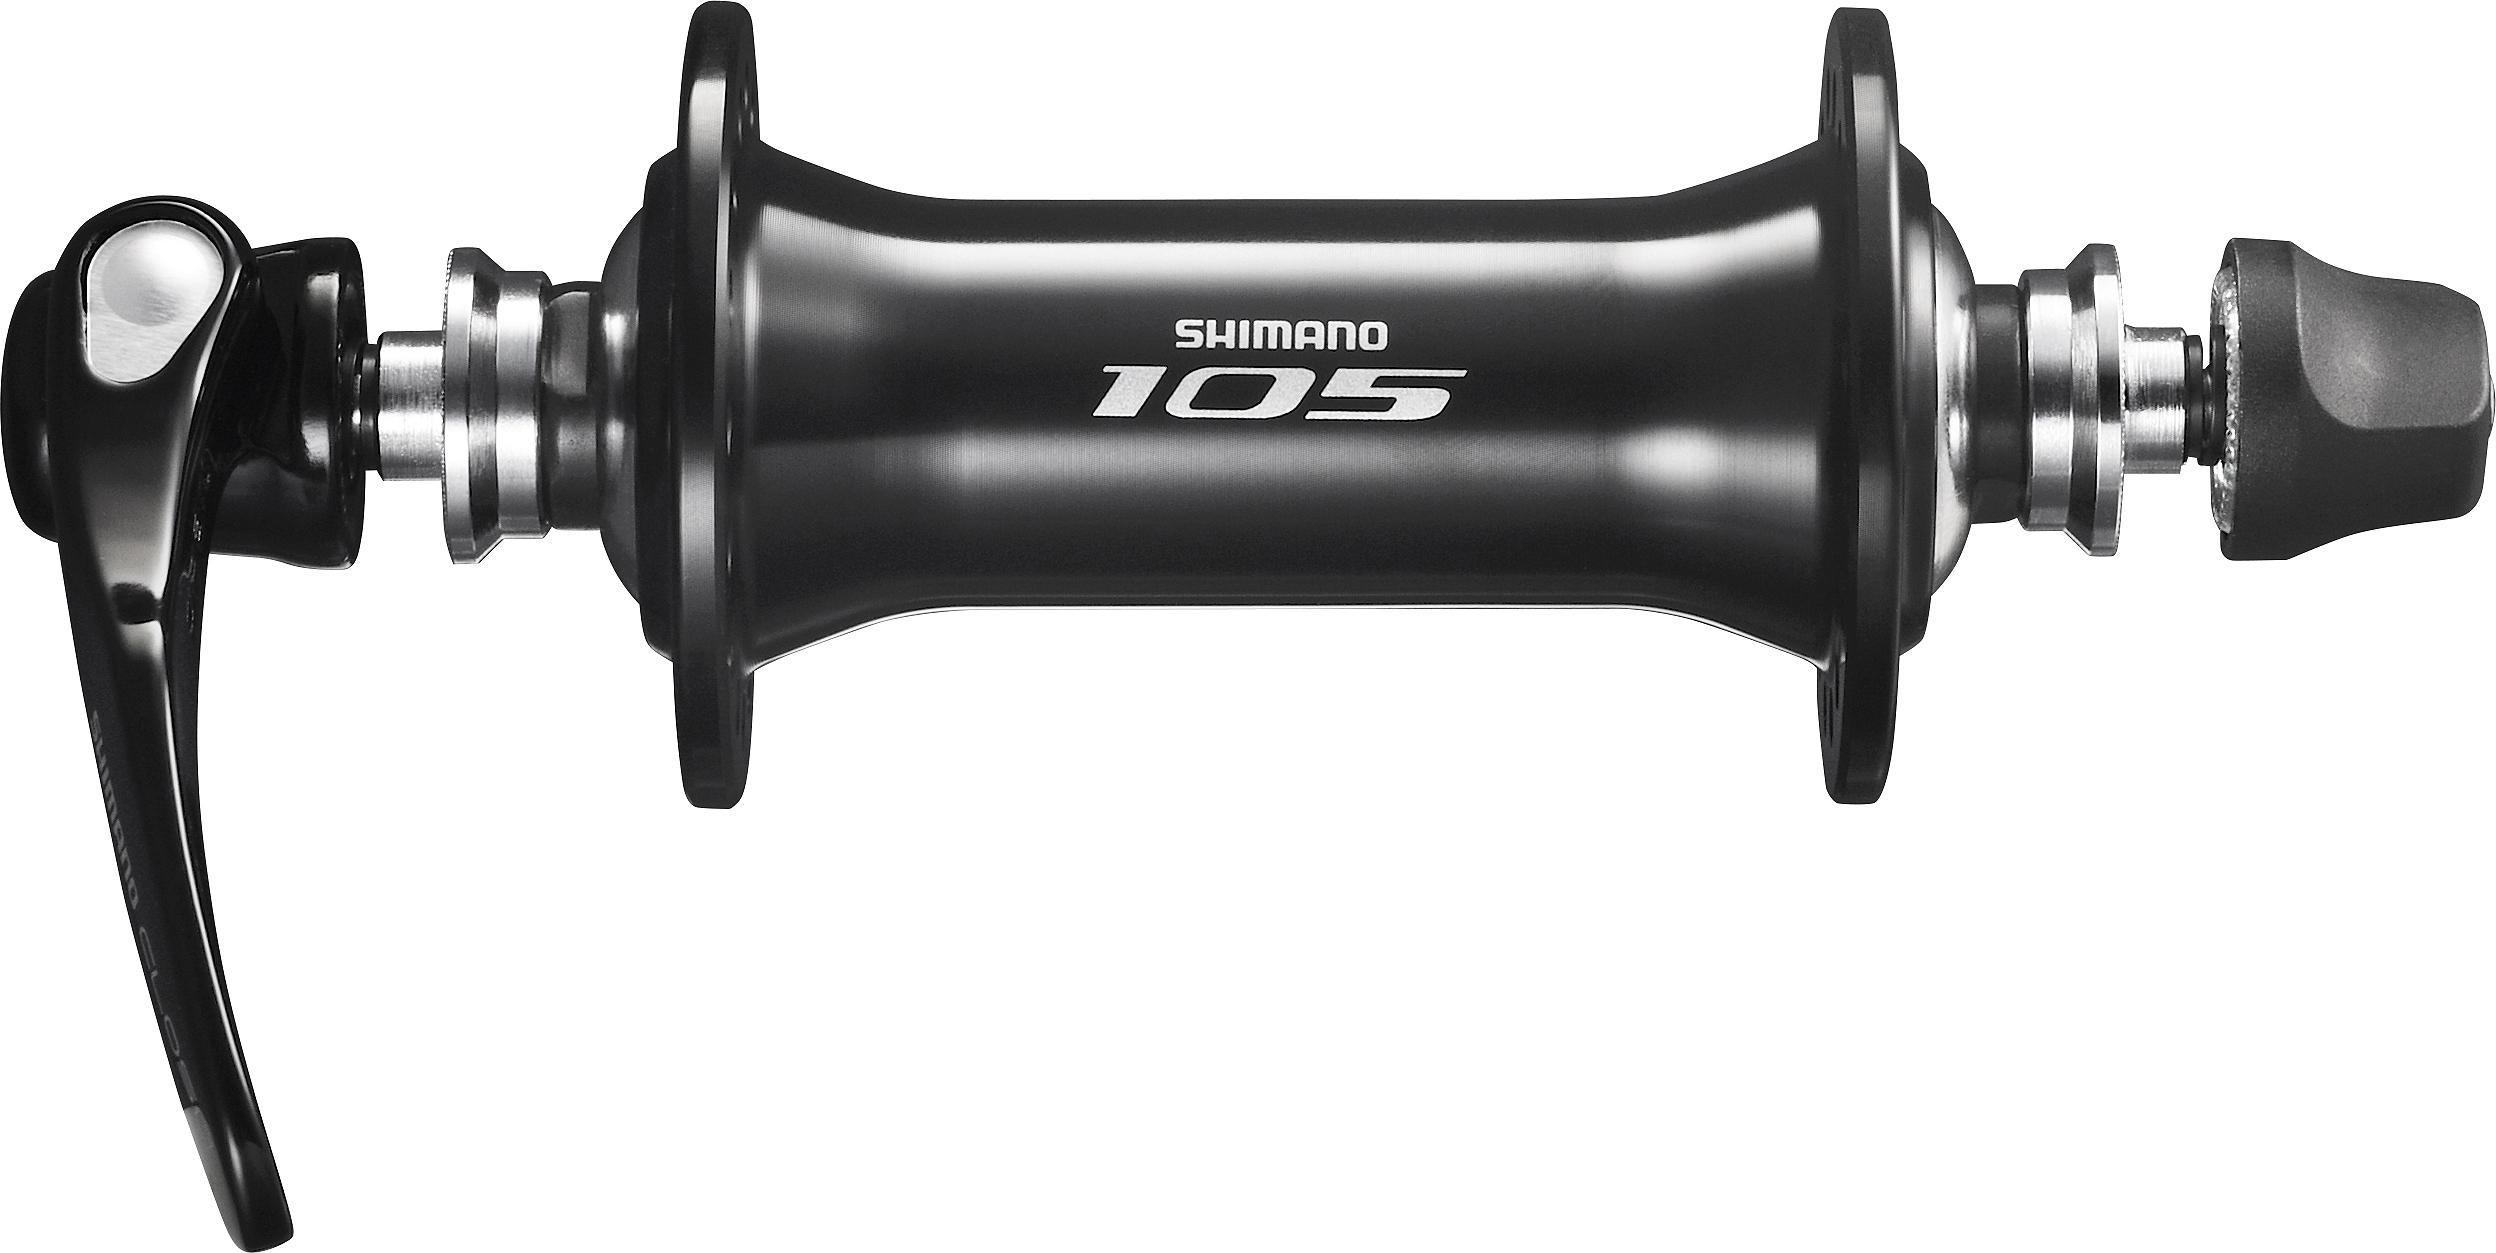 Shimano nába přední 105 HB-5800 pro ráfkovou brzdu 36 děr RU: 133 mm černá